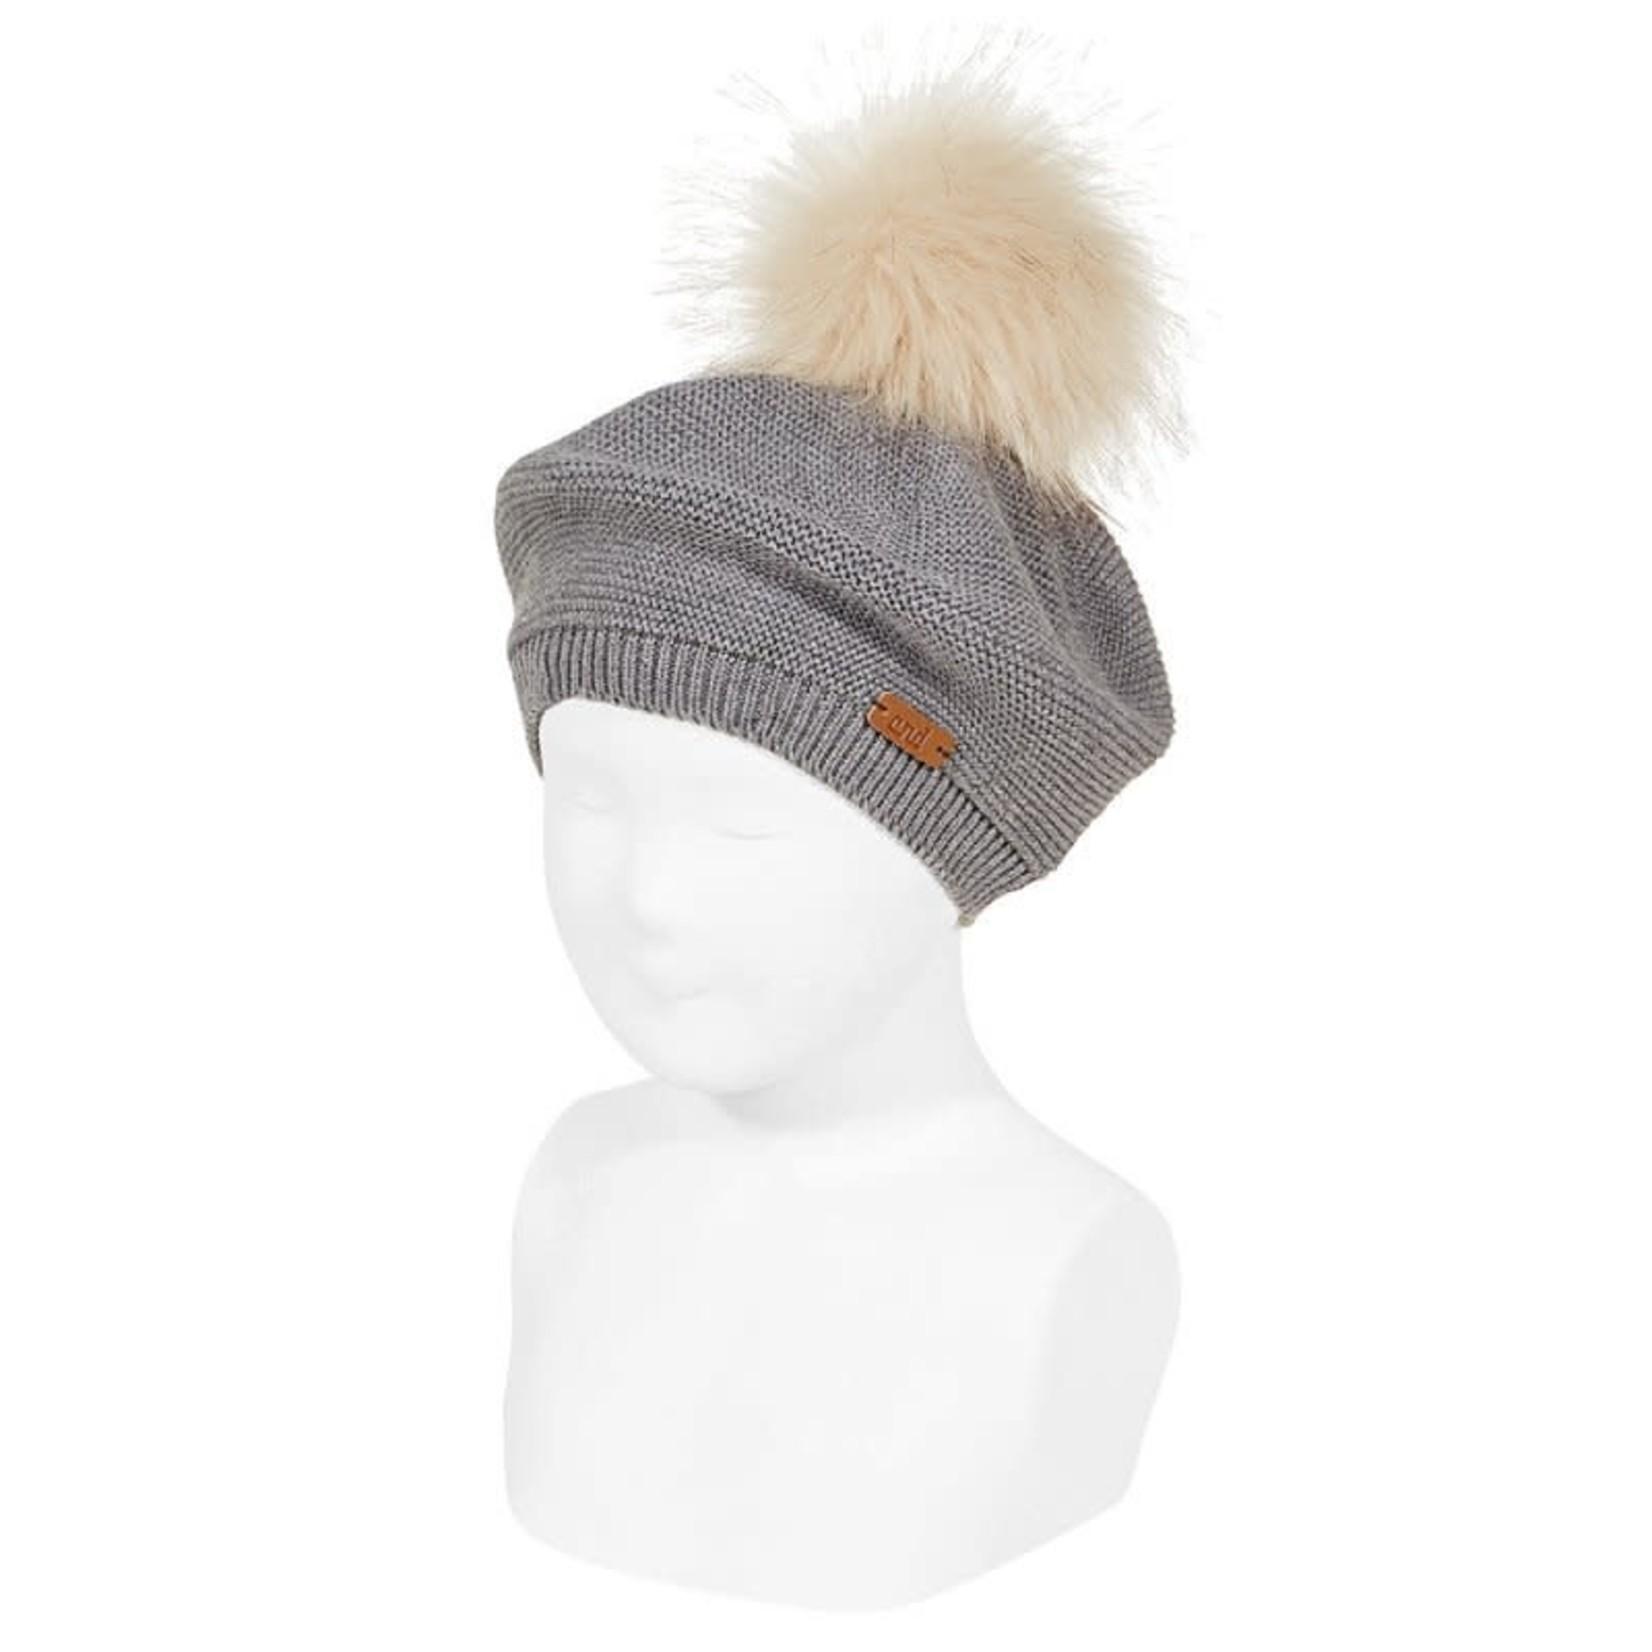 Hat Polly - Condor Gray